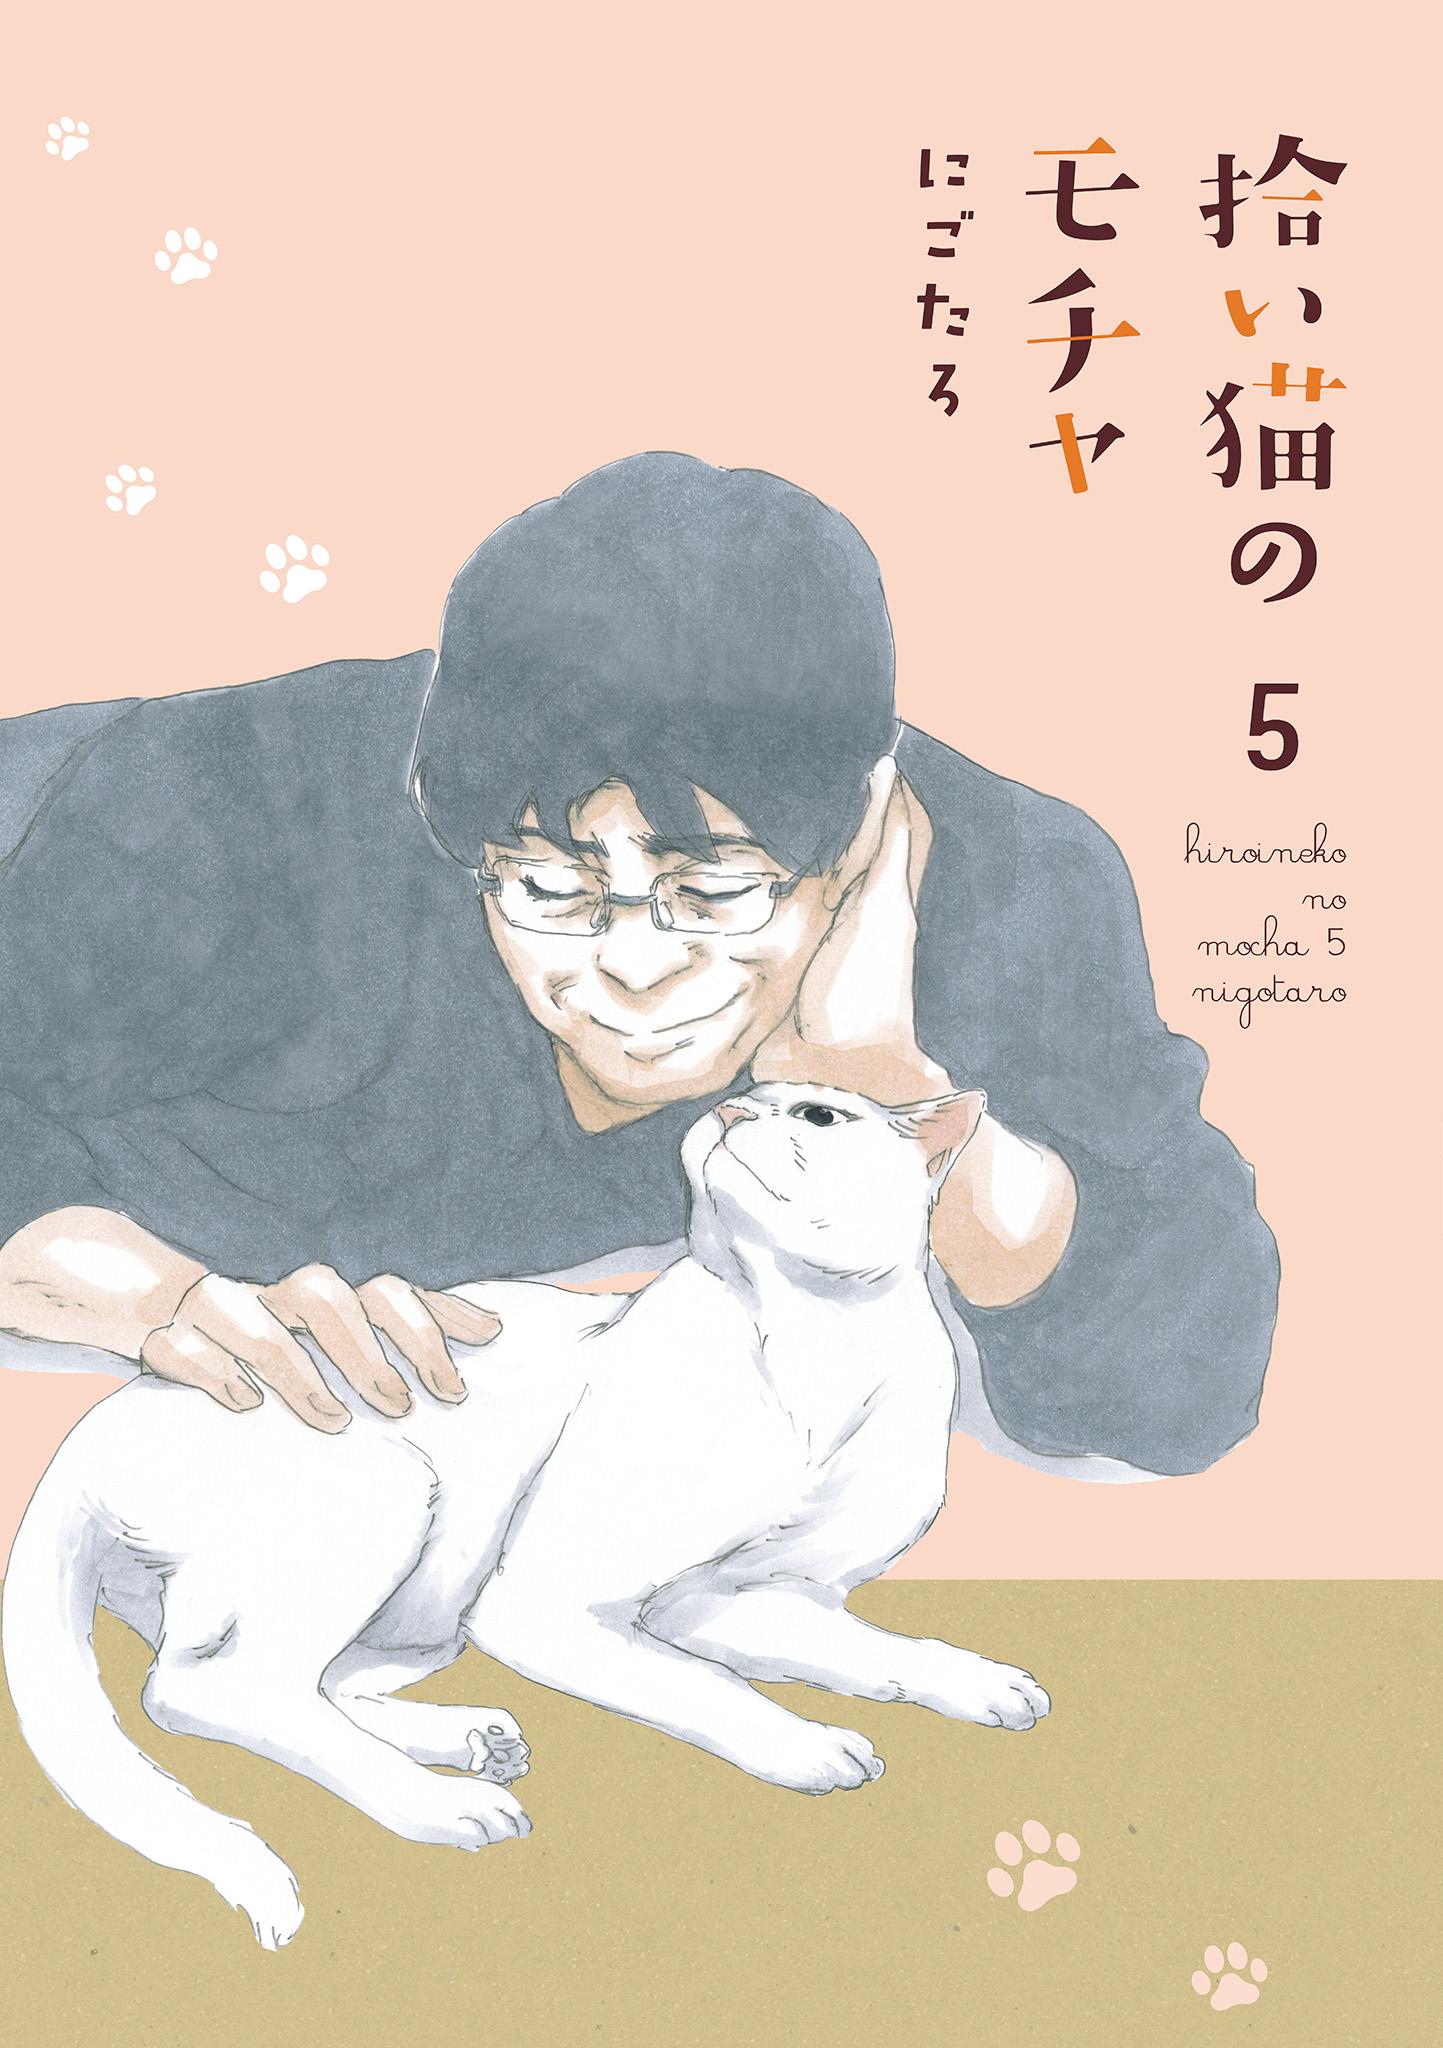 『拾い猫のモチャ5』